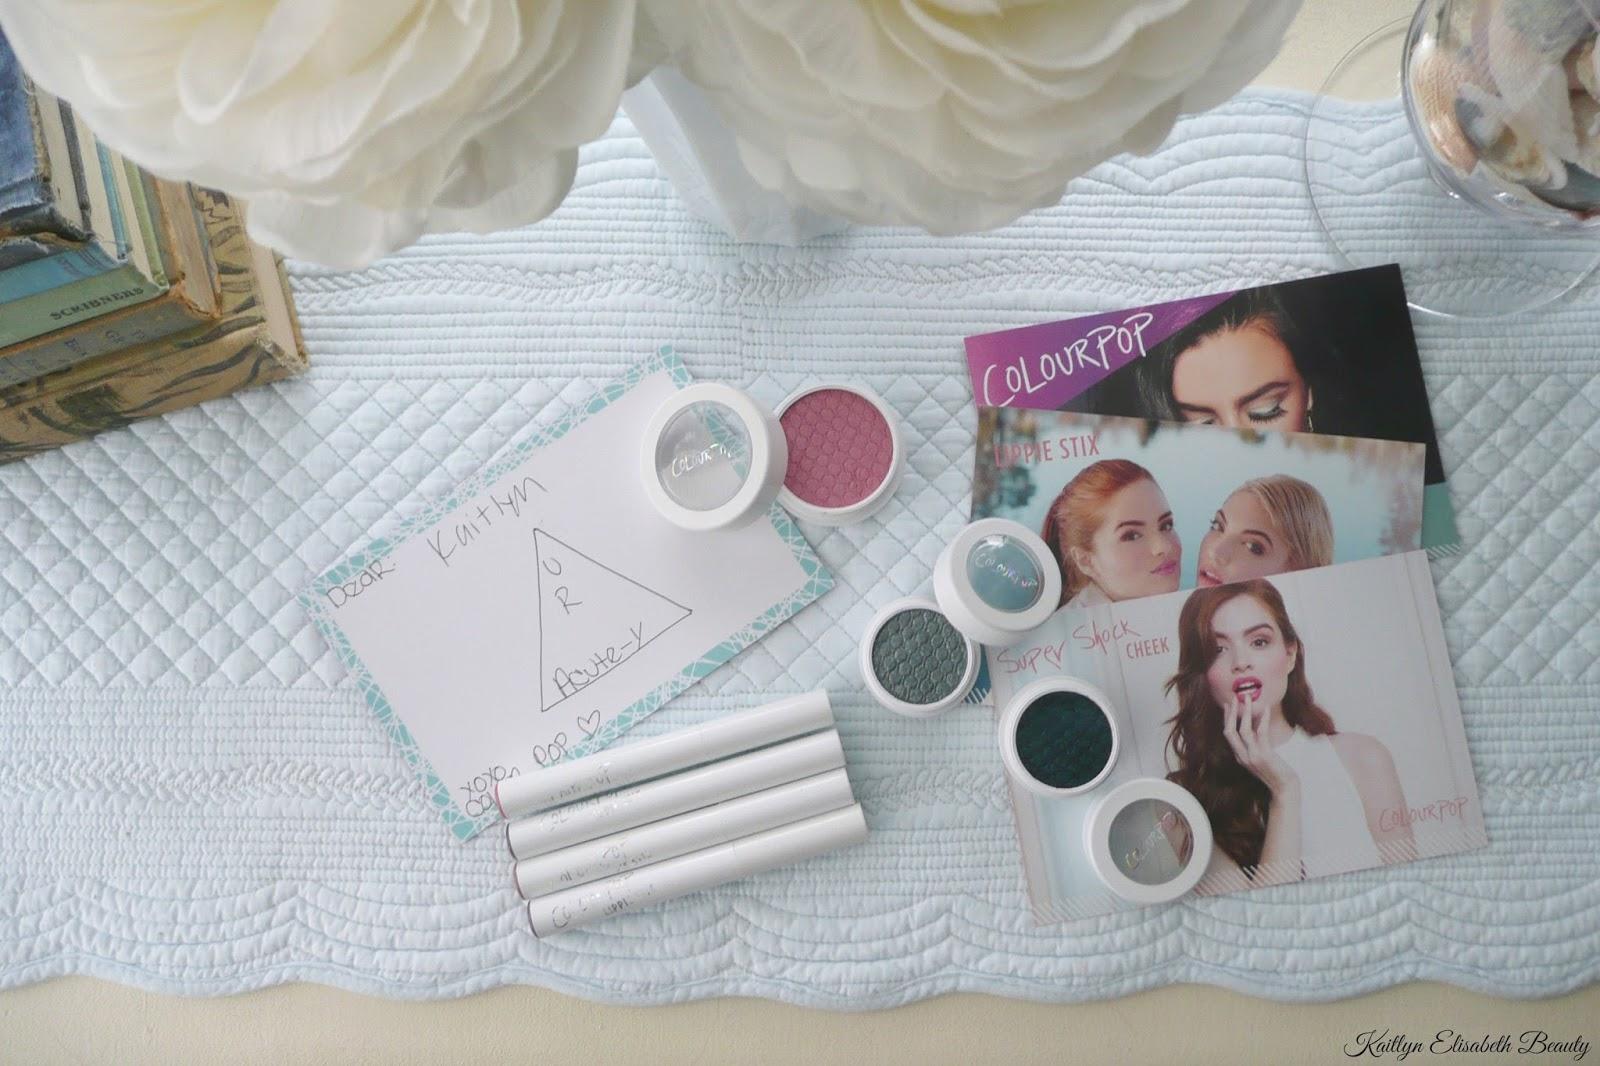 New In: ColourPop Cosmetics